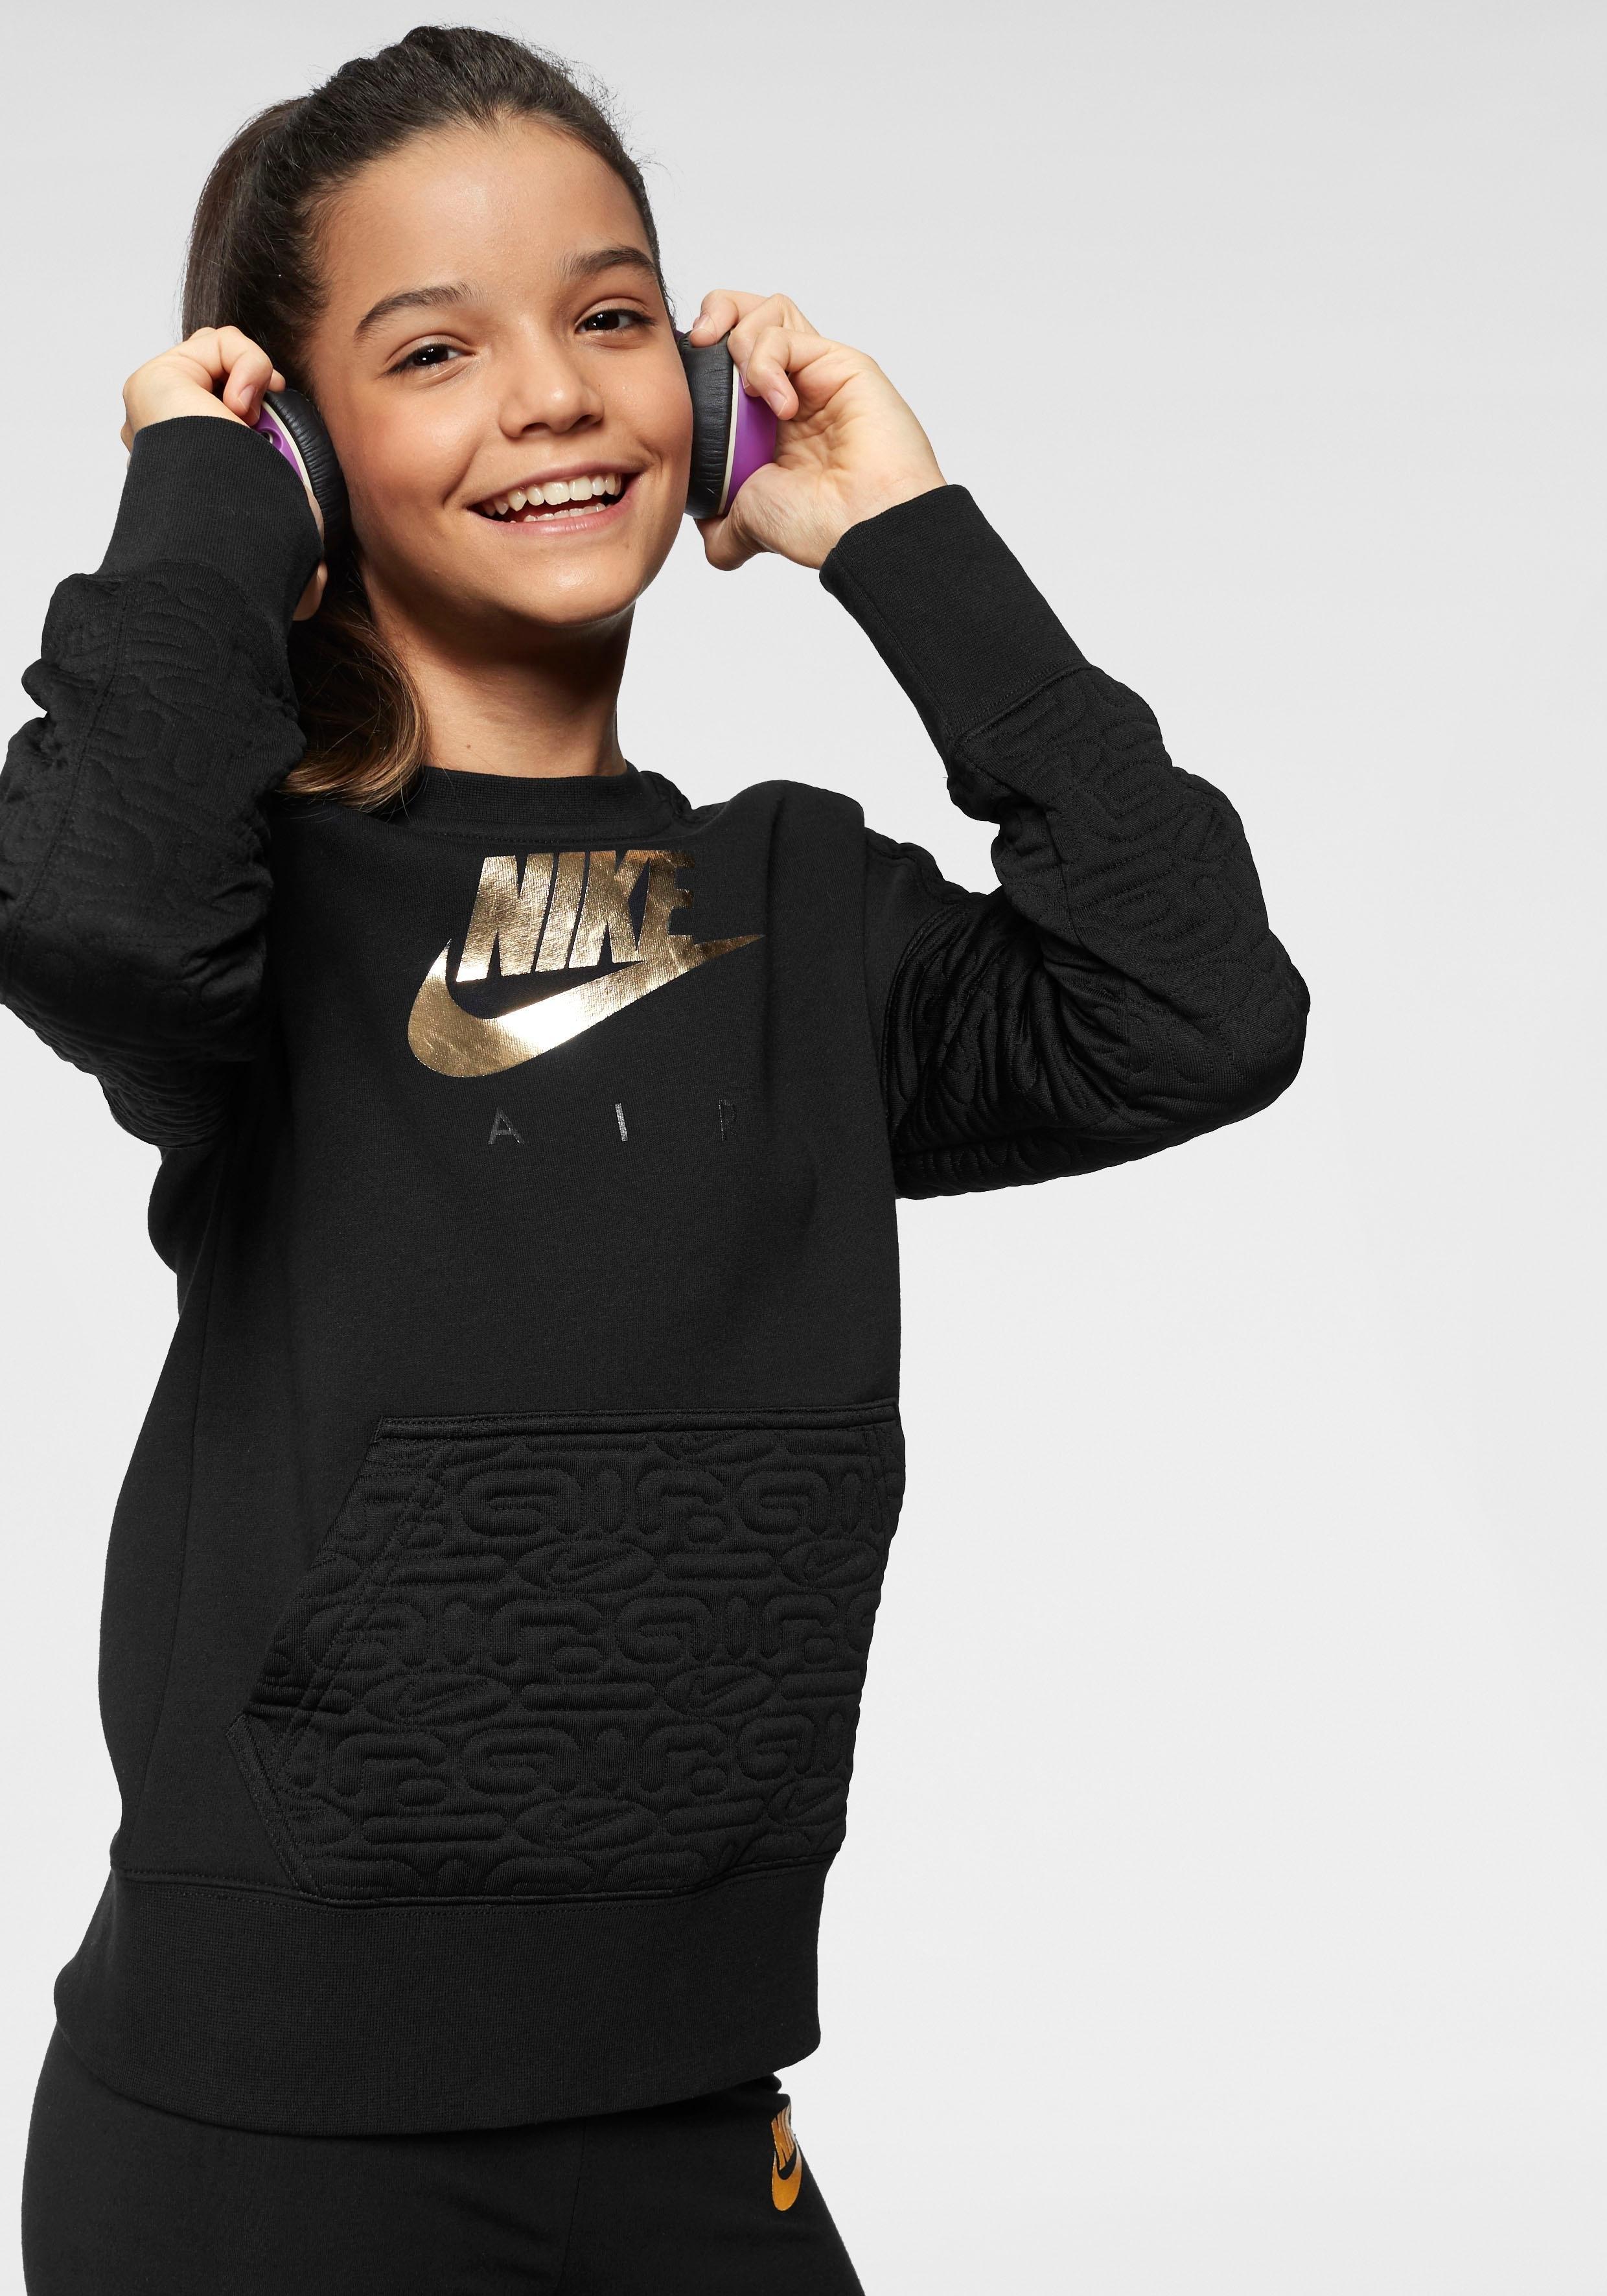 Nike Sportswear sweatshirt »GIRLS NIKE SPORTSWEAR NIKE AIR FLEECE TOP« voordelig en veilig online kopen